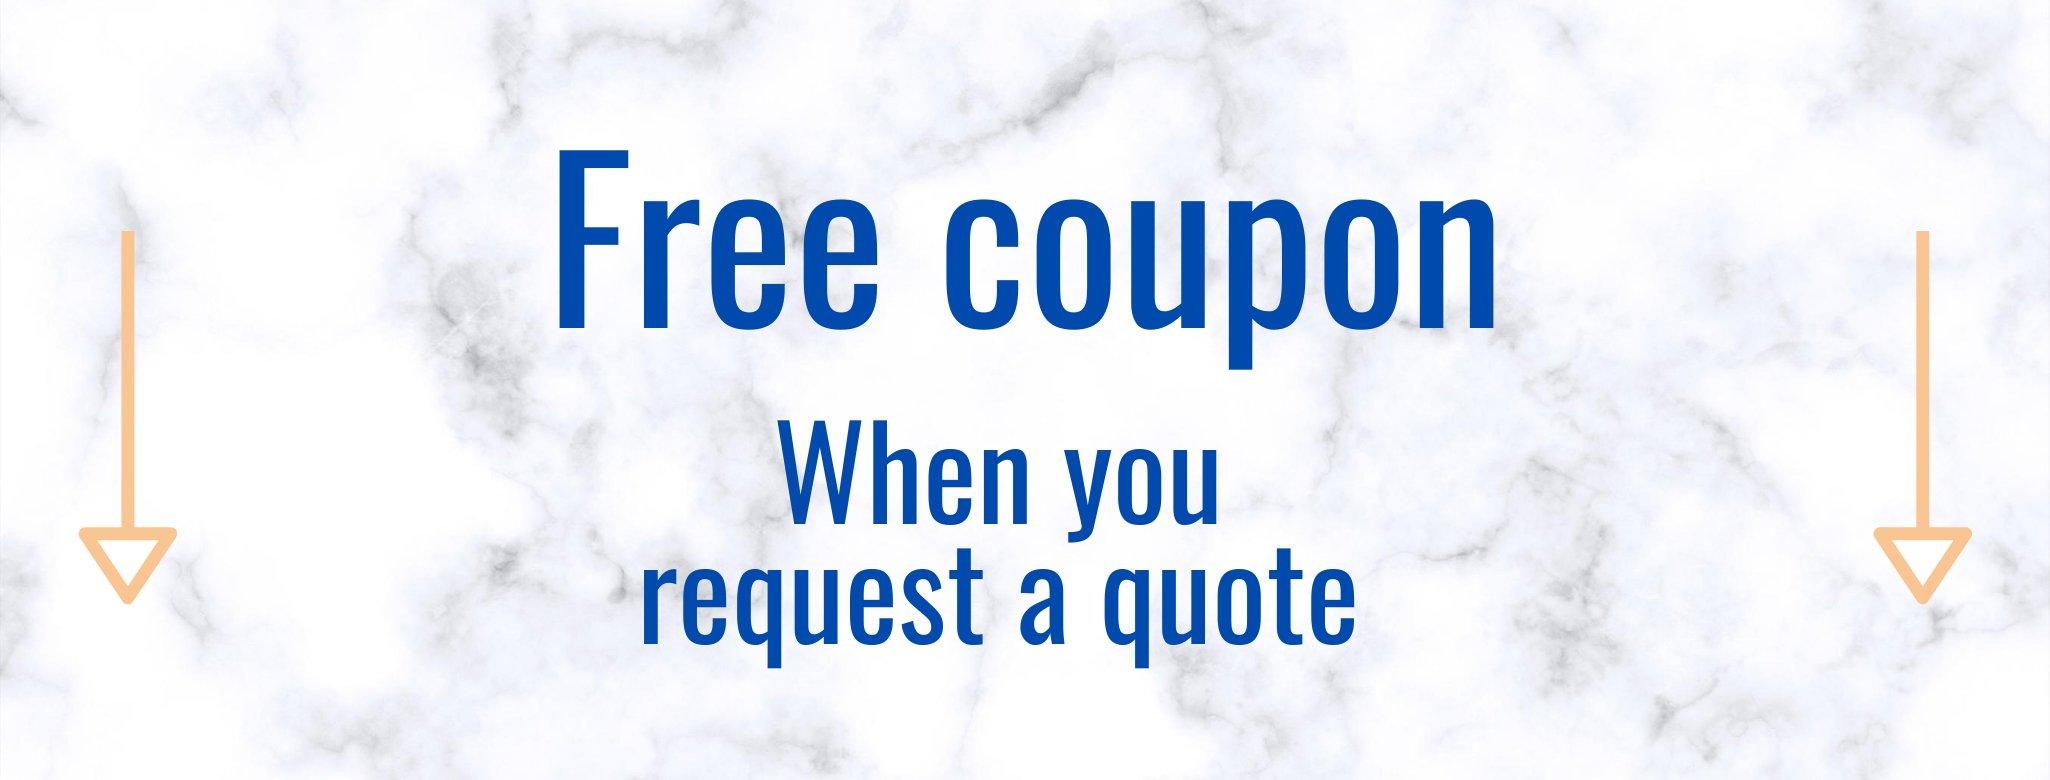 orlando wallpaper installation coupon